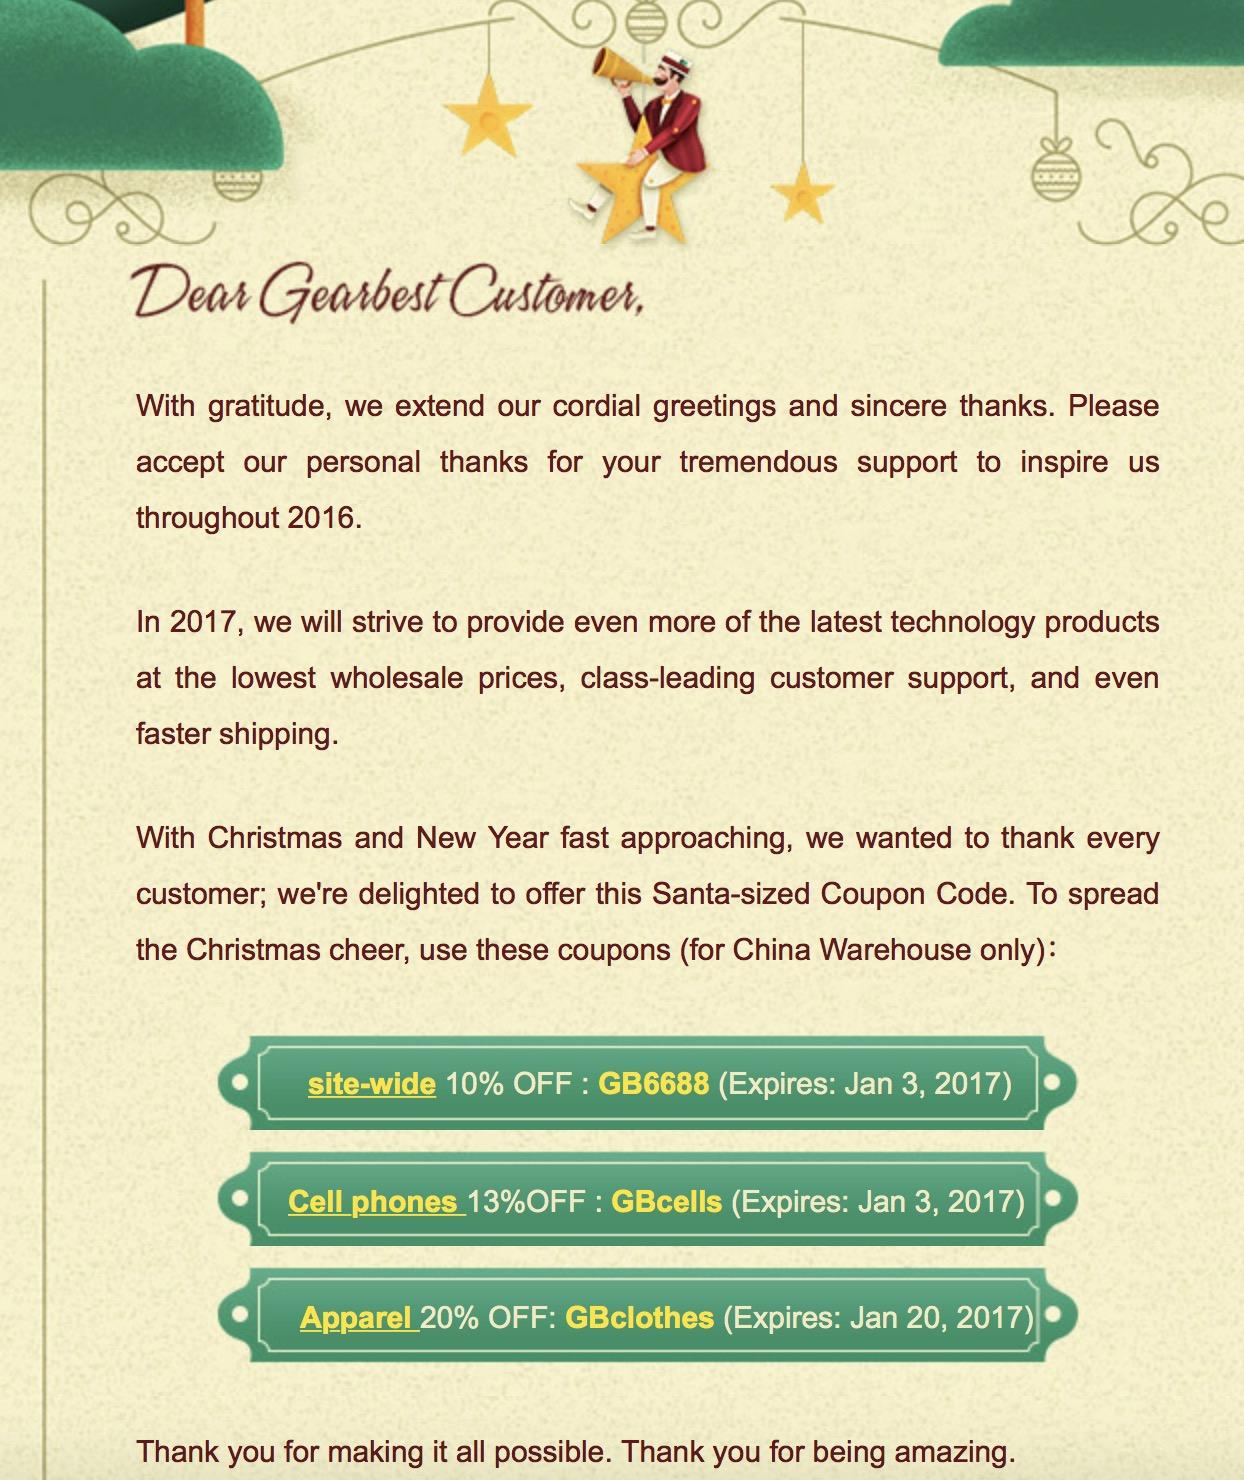 Gearbest verabschiedet das Jahr 2016 und verteilt Gutscheine für das China-Warehouse